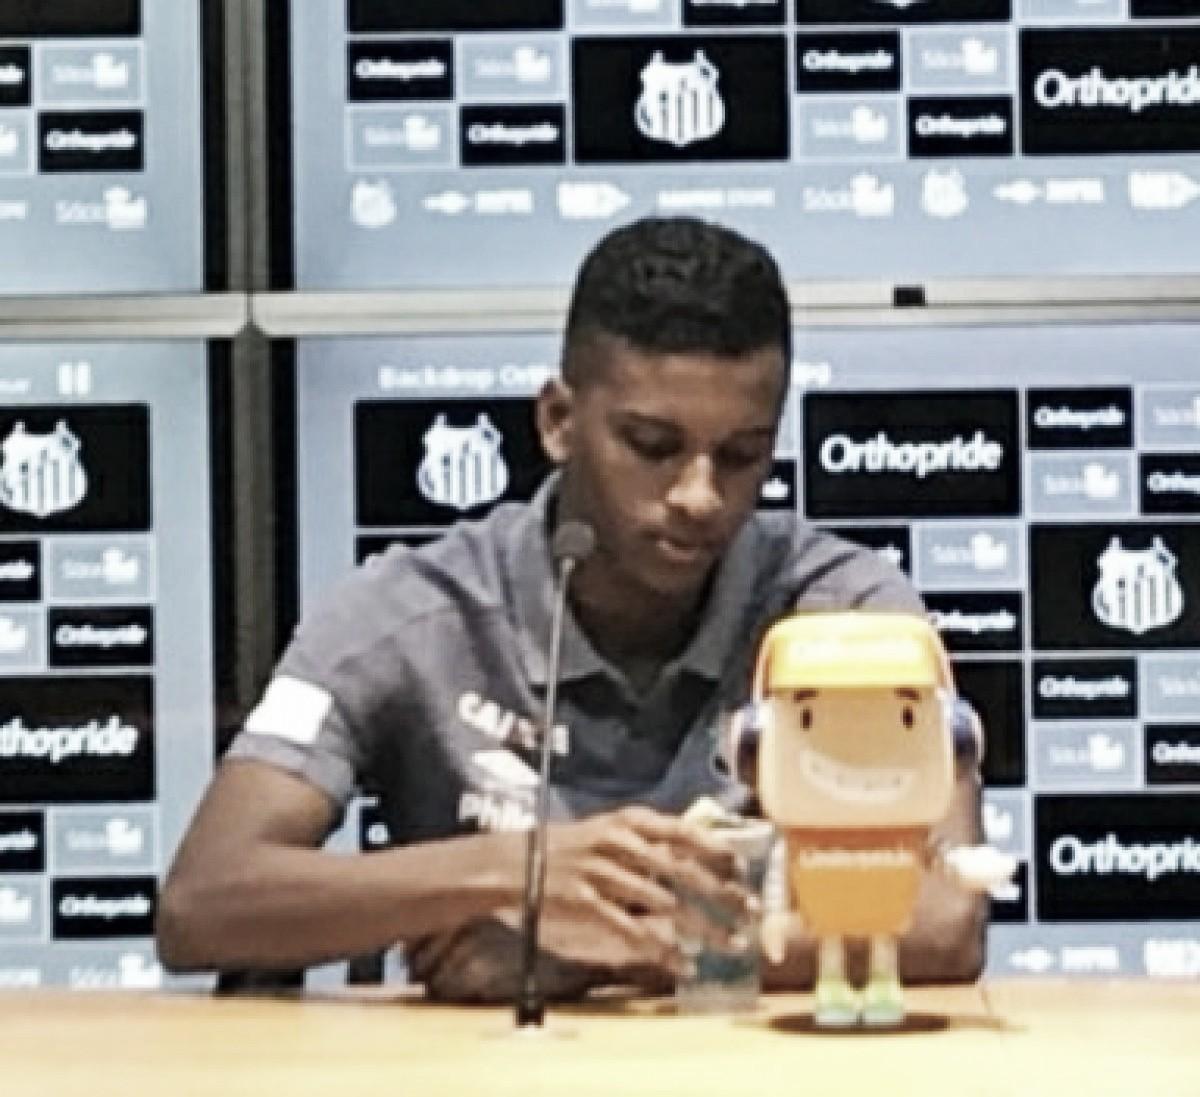 Rodrygo desconhece proposta do Barcelona e não se vê no nível do clube espanhol